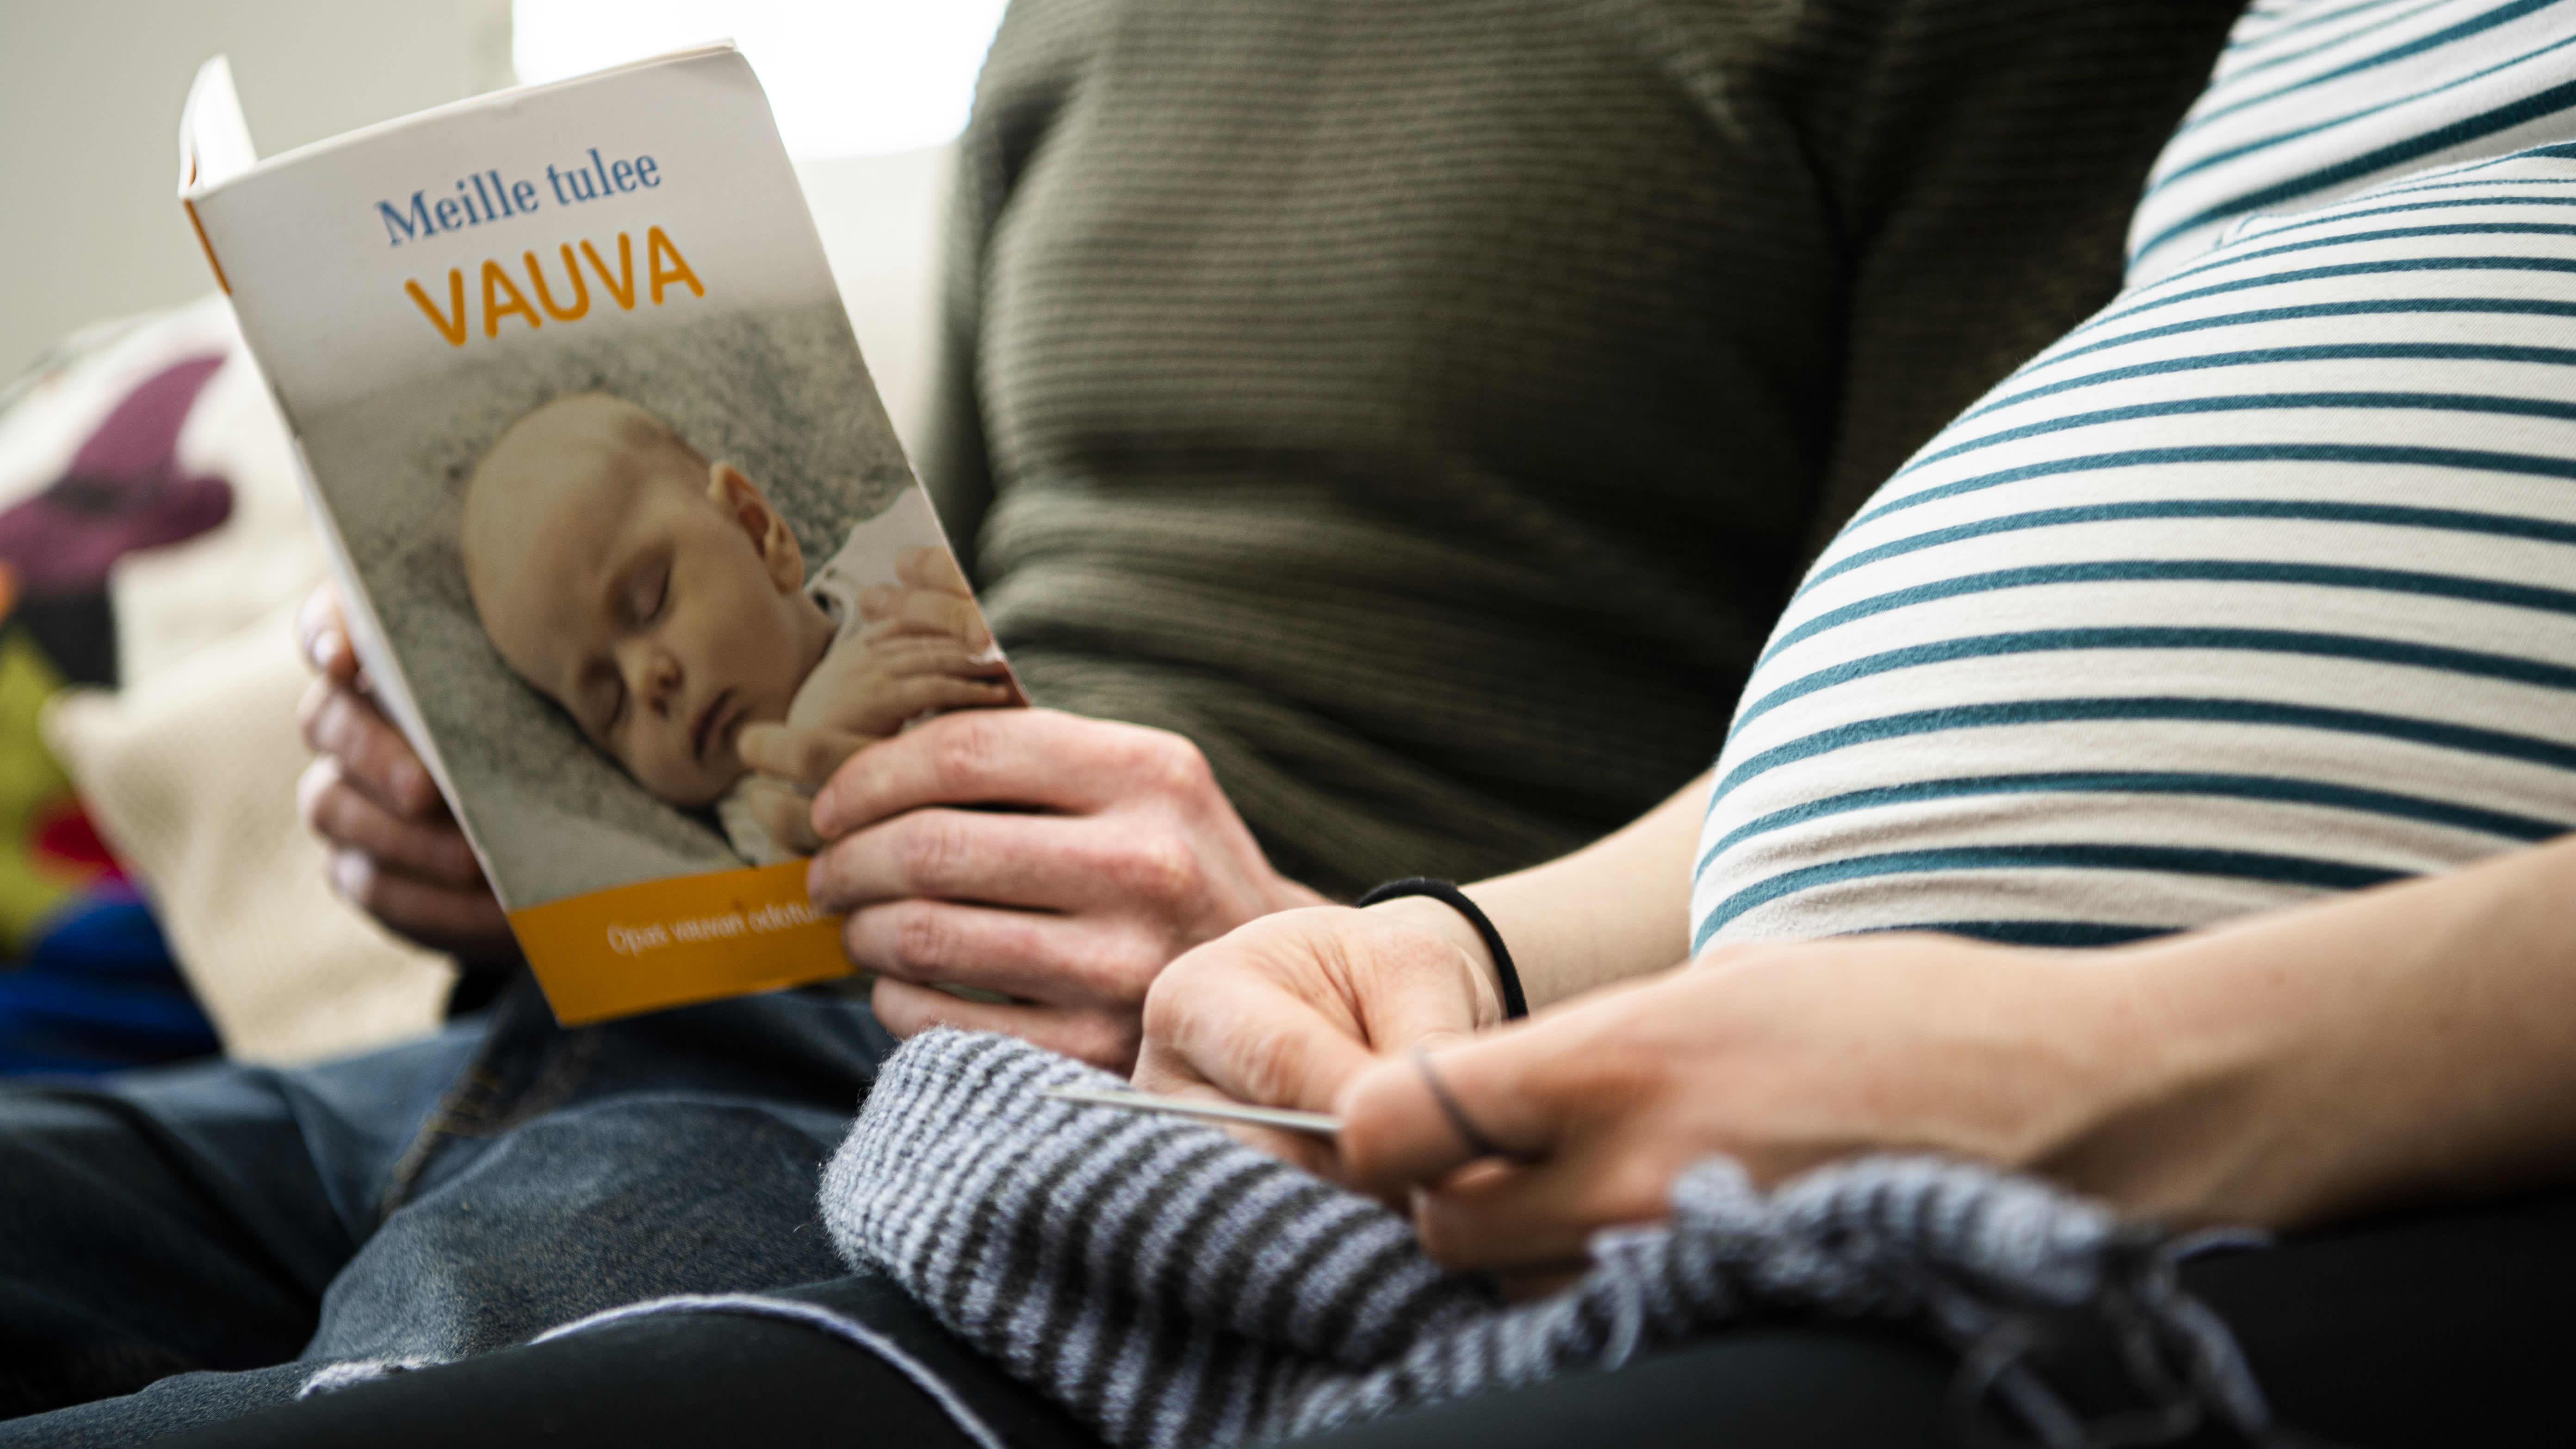 """Raskaan olevan henkilö lukee kumppaninsa kanssa """"Meille tulee vauva"""" kirjaa."""